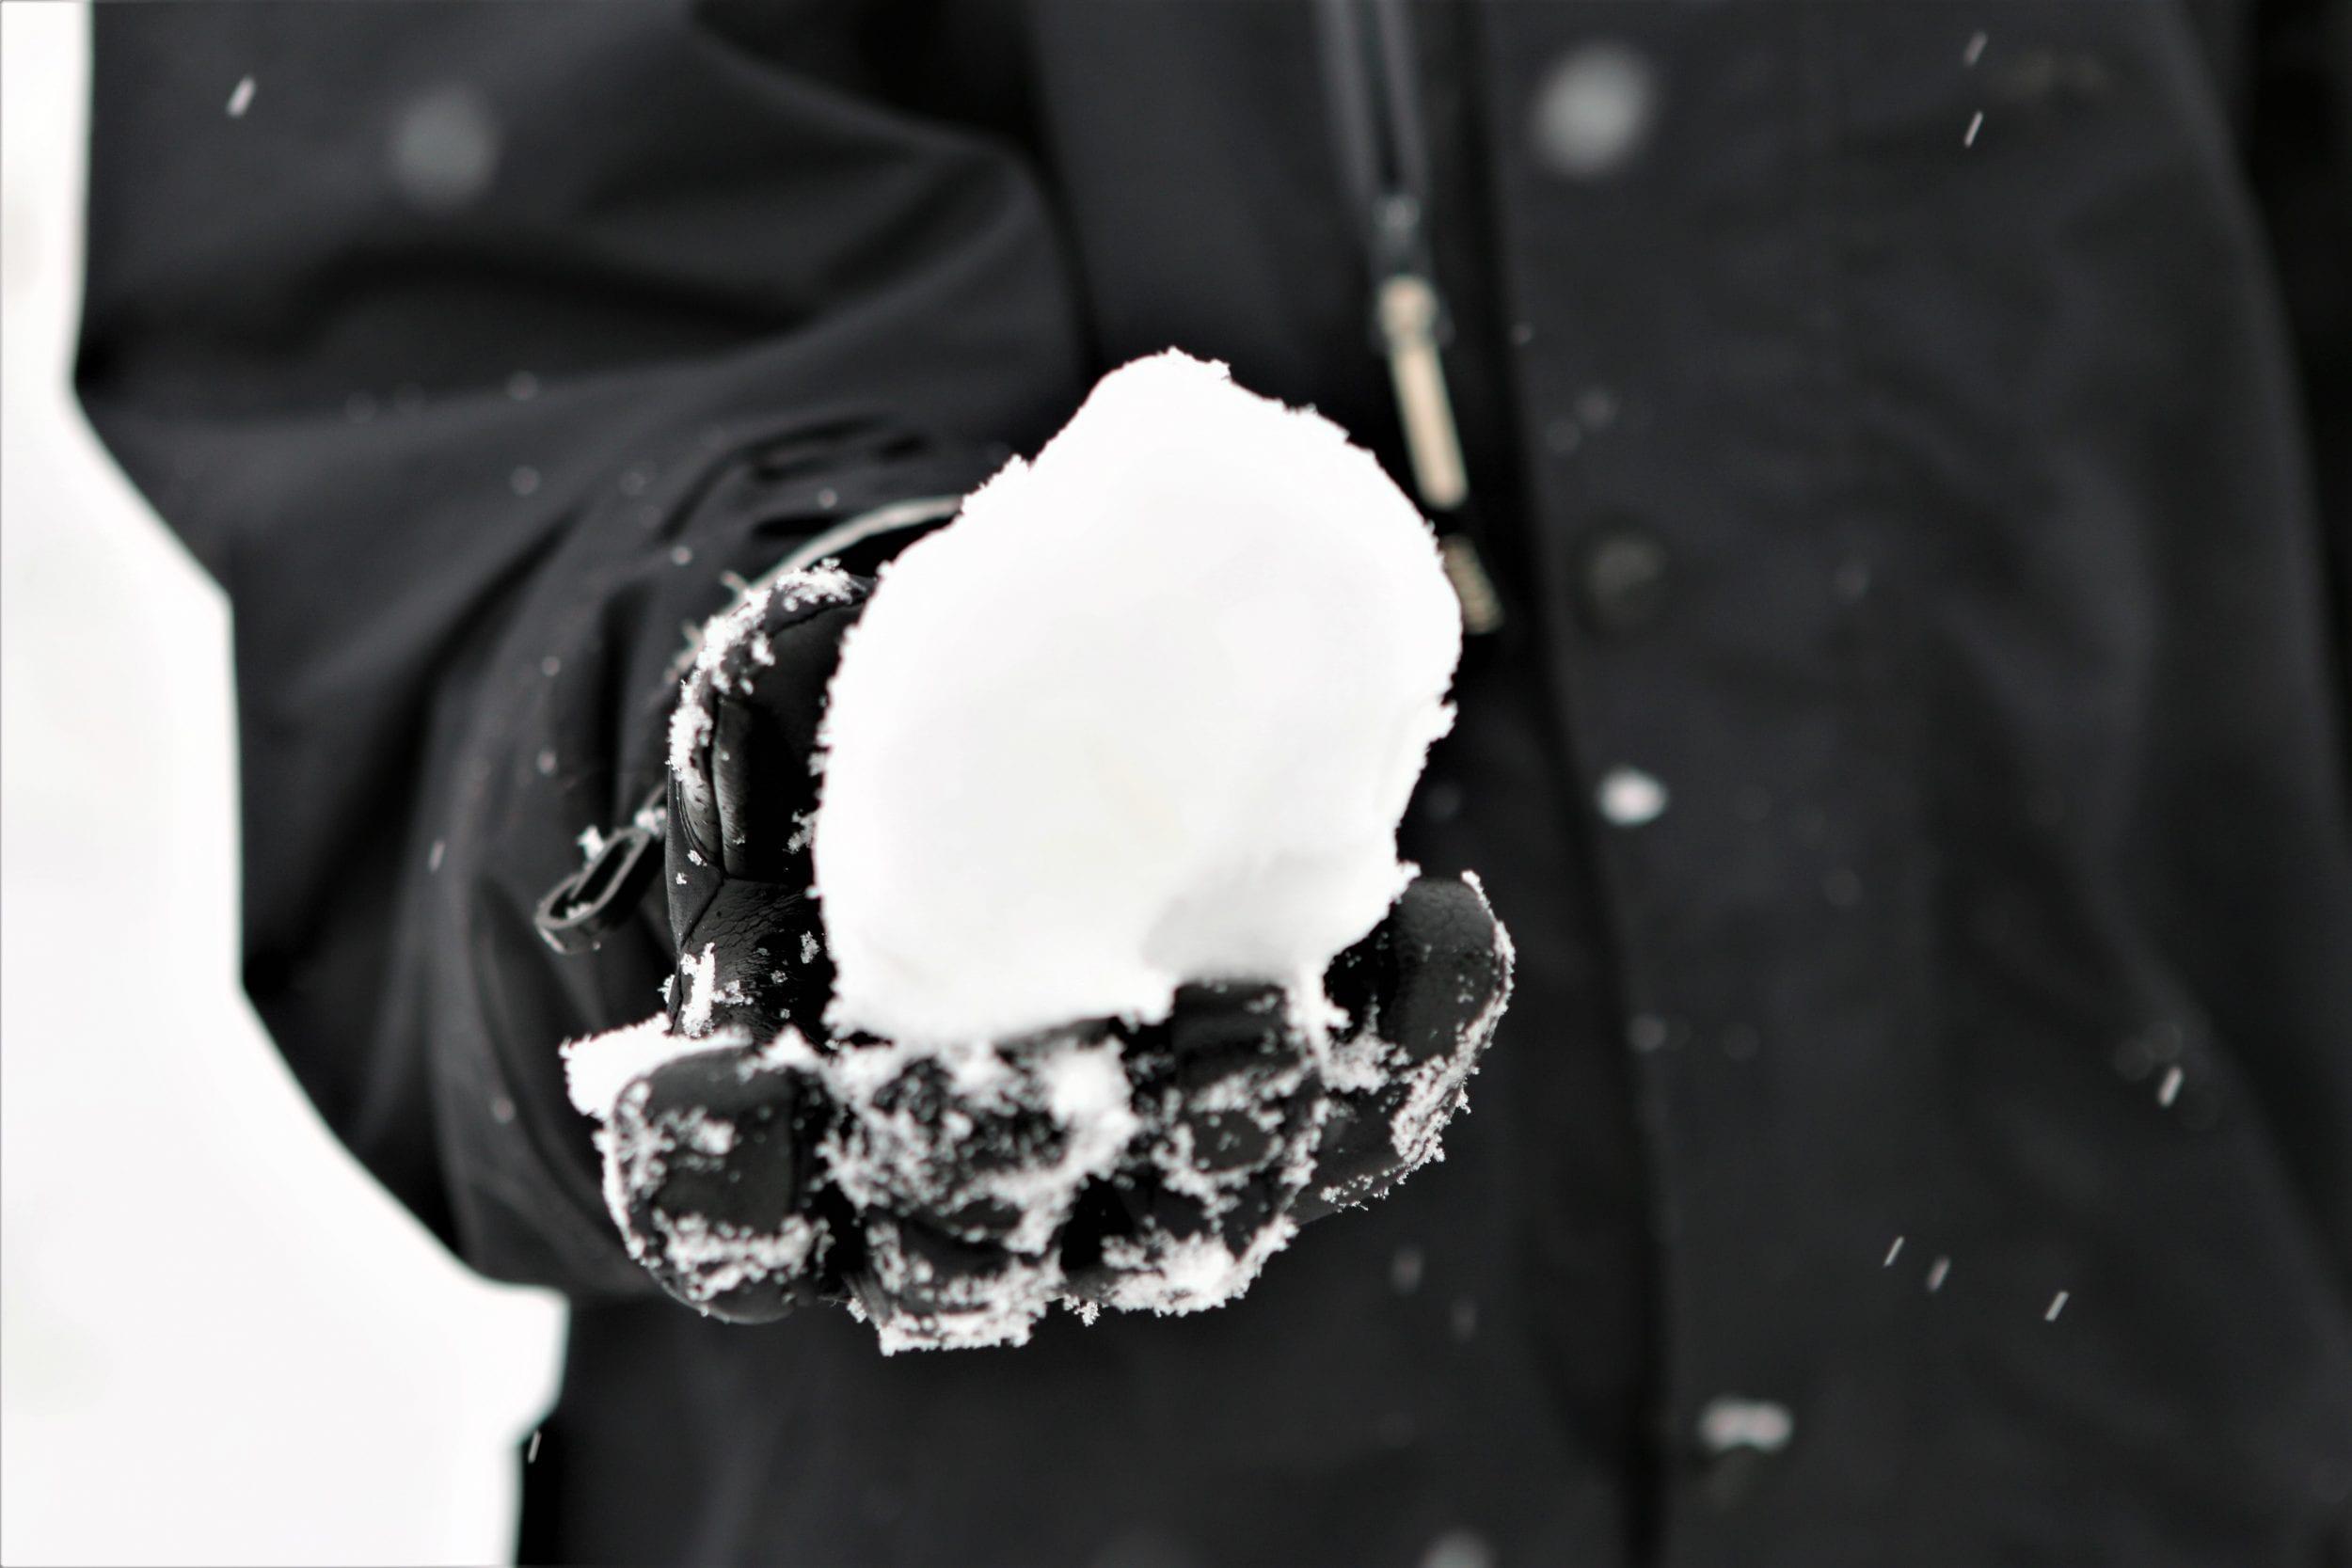 Vinteren er over os - husk at rydde for sne og sikre fortov mod glat føre